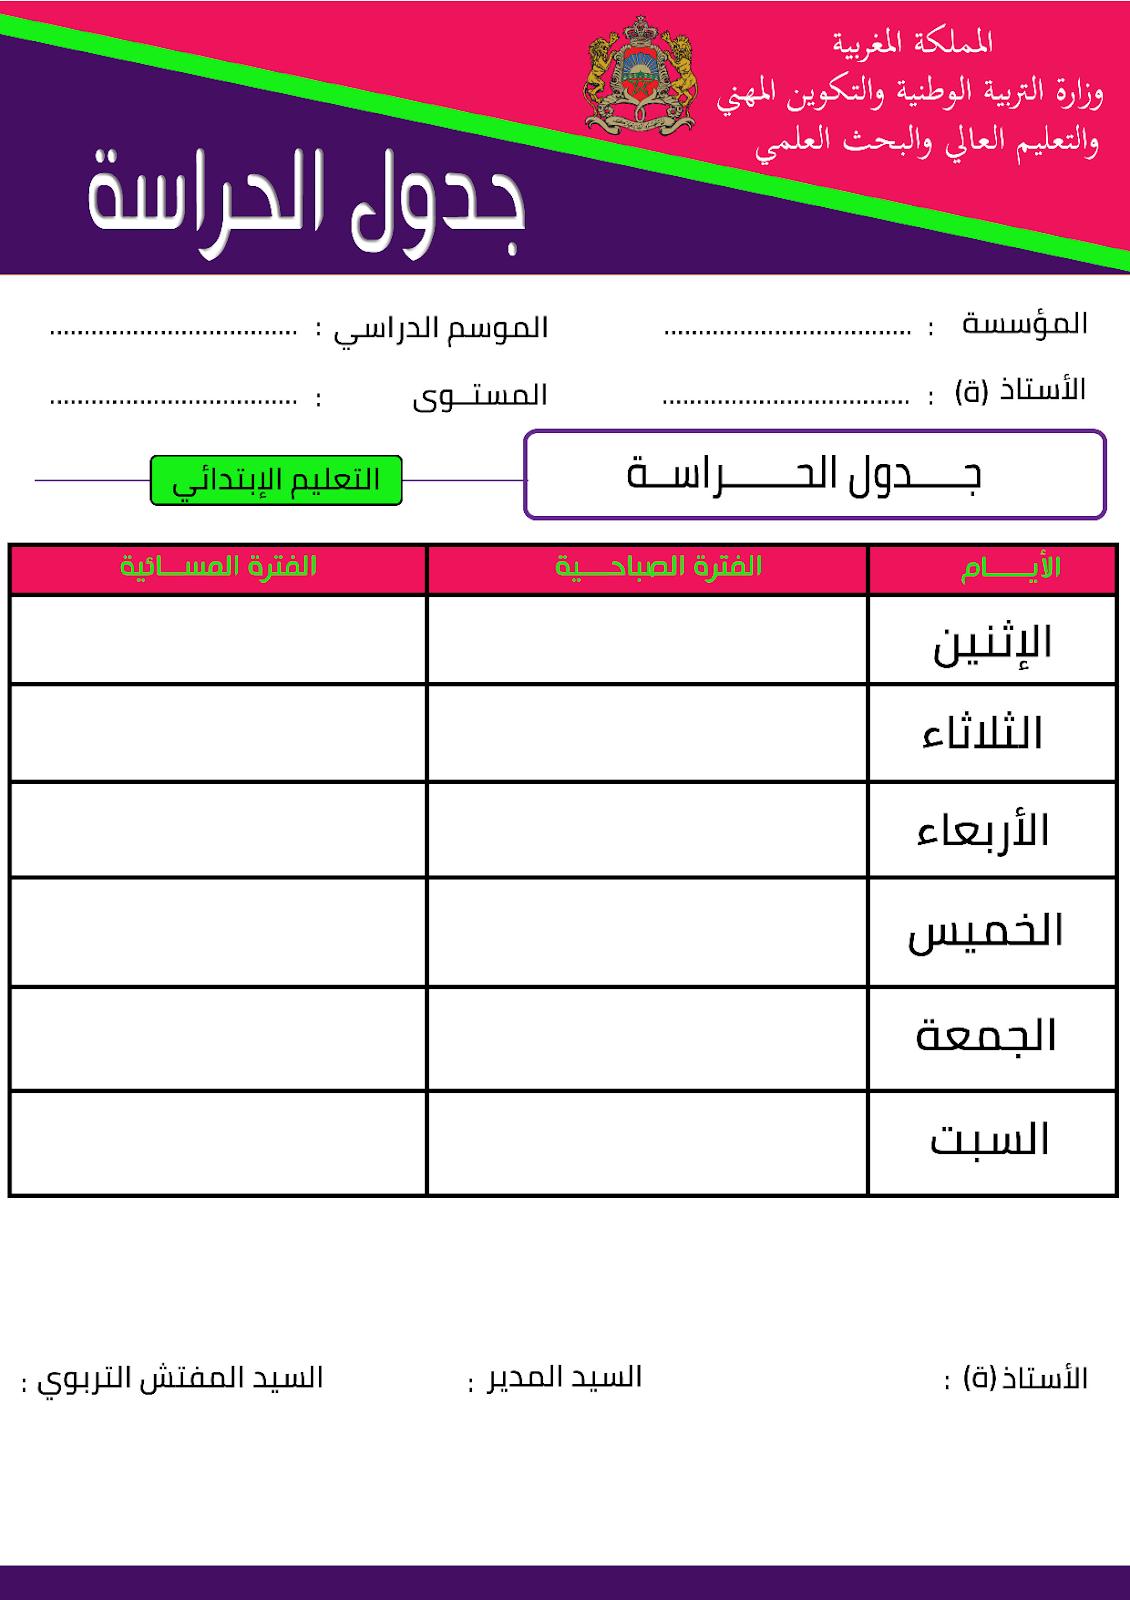 جدول الحراسة - الموسم الدراسي 2020-2021